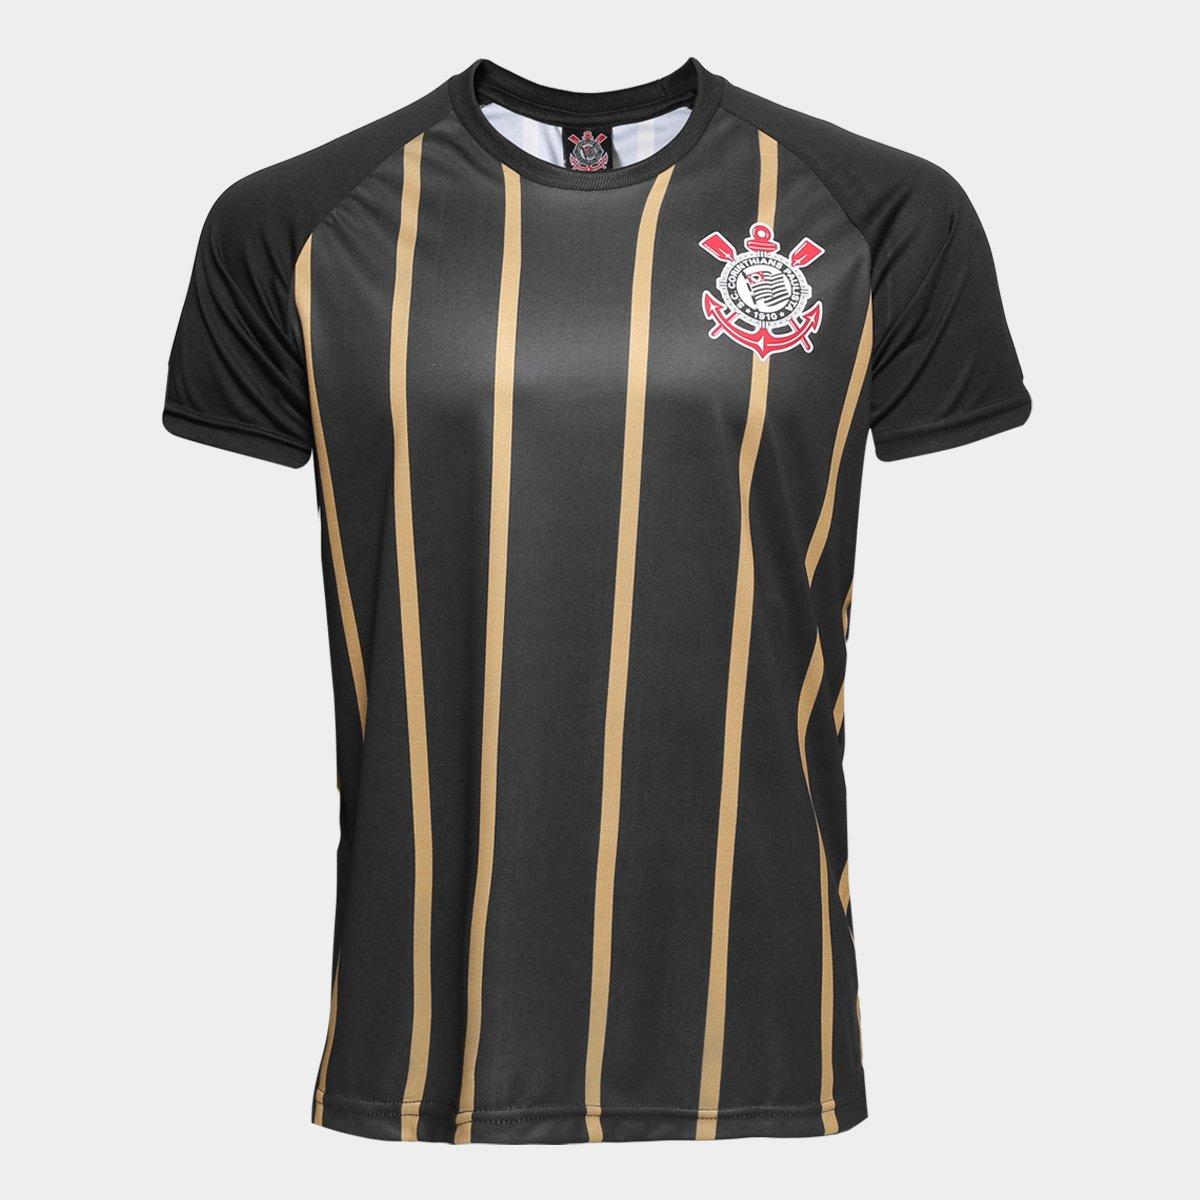 45224a2015 Camisa Corinthians Gold nº10 - Edição Limitada Masculina - Preto e ...